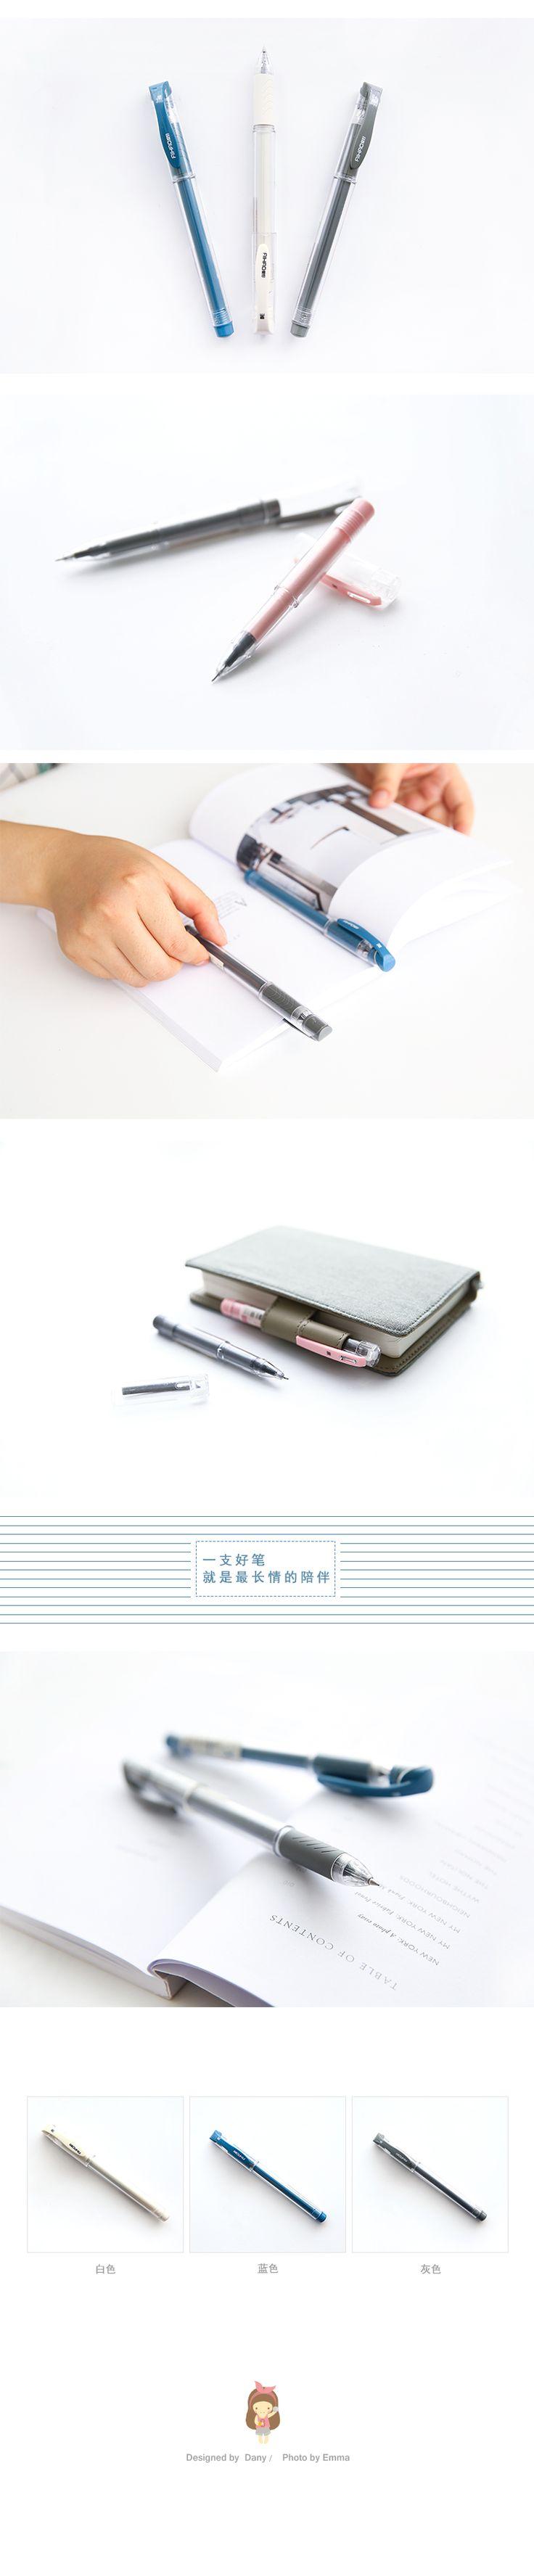 63,69 руб. / шт. Письменные принадлежности > Гелевые ручки